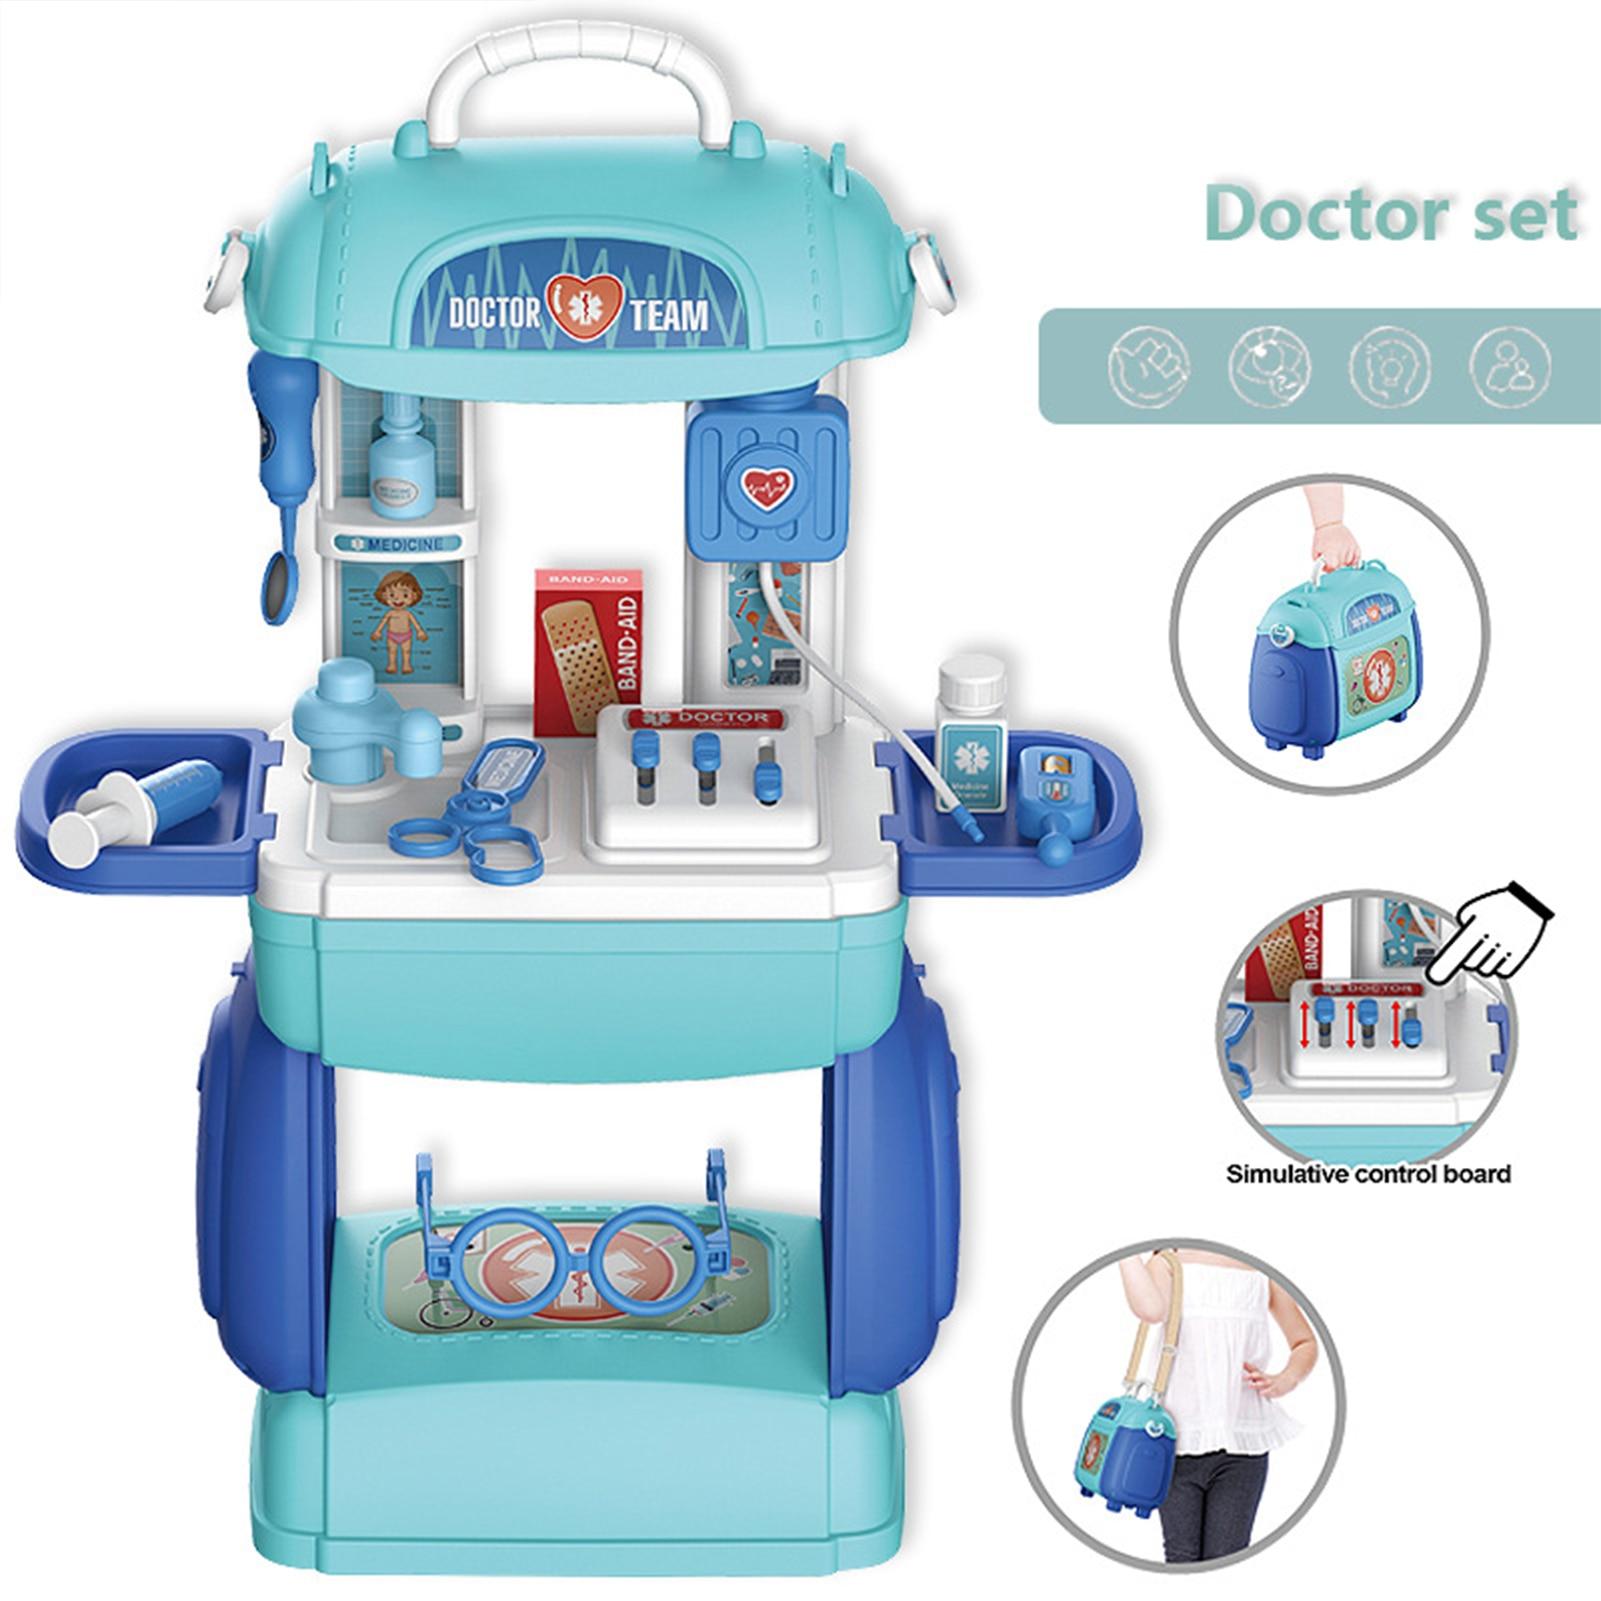 brinquedo medico para meninos meninas brinquedo de simulacao criancas 04